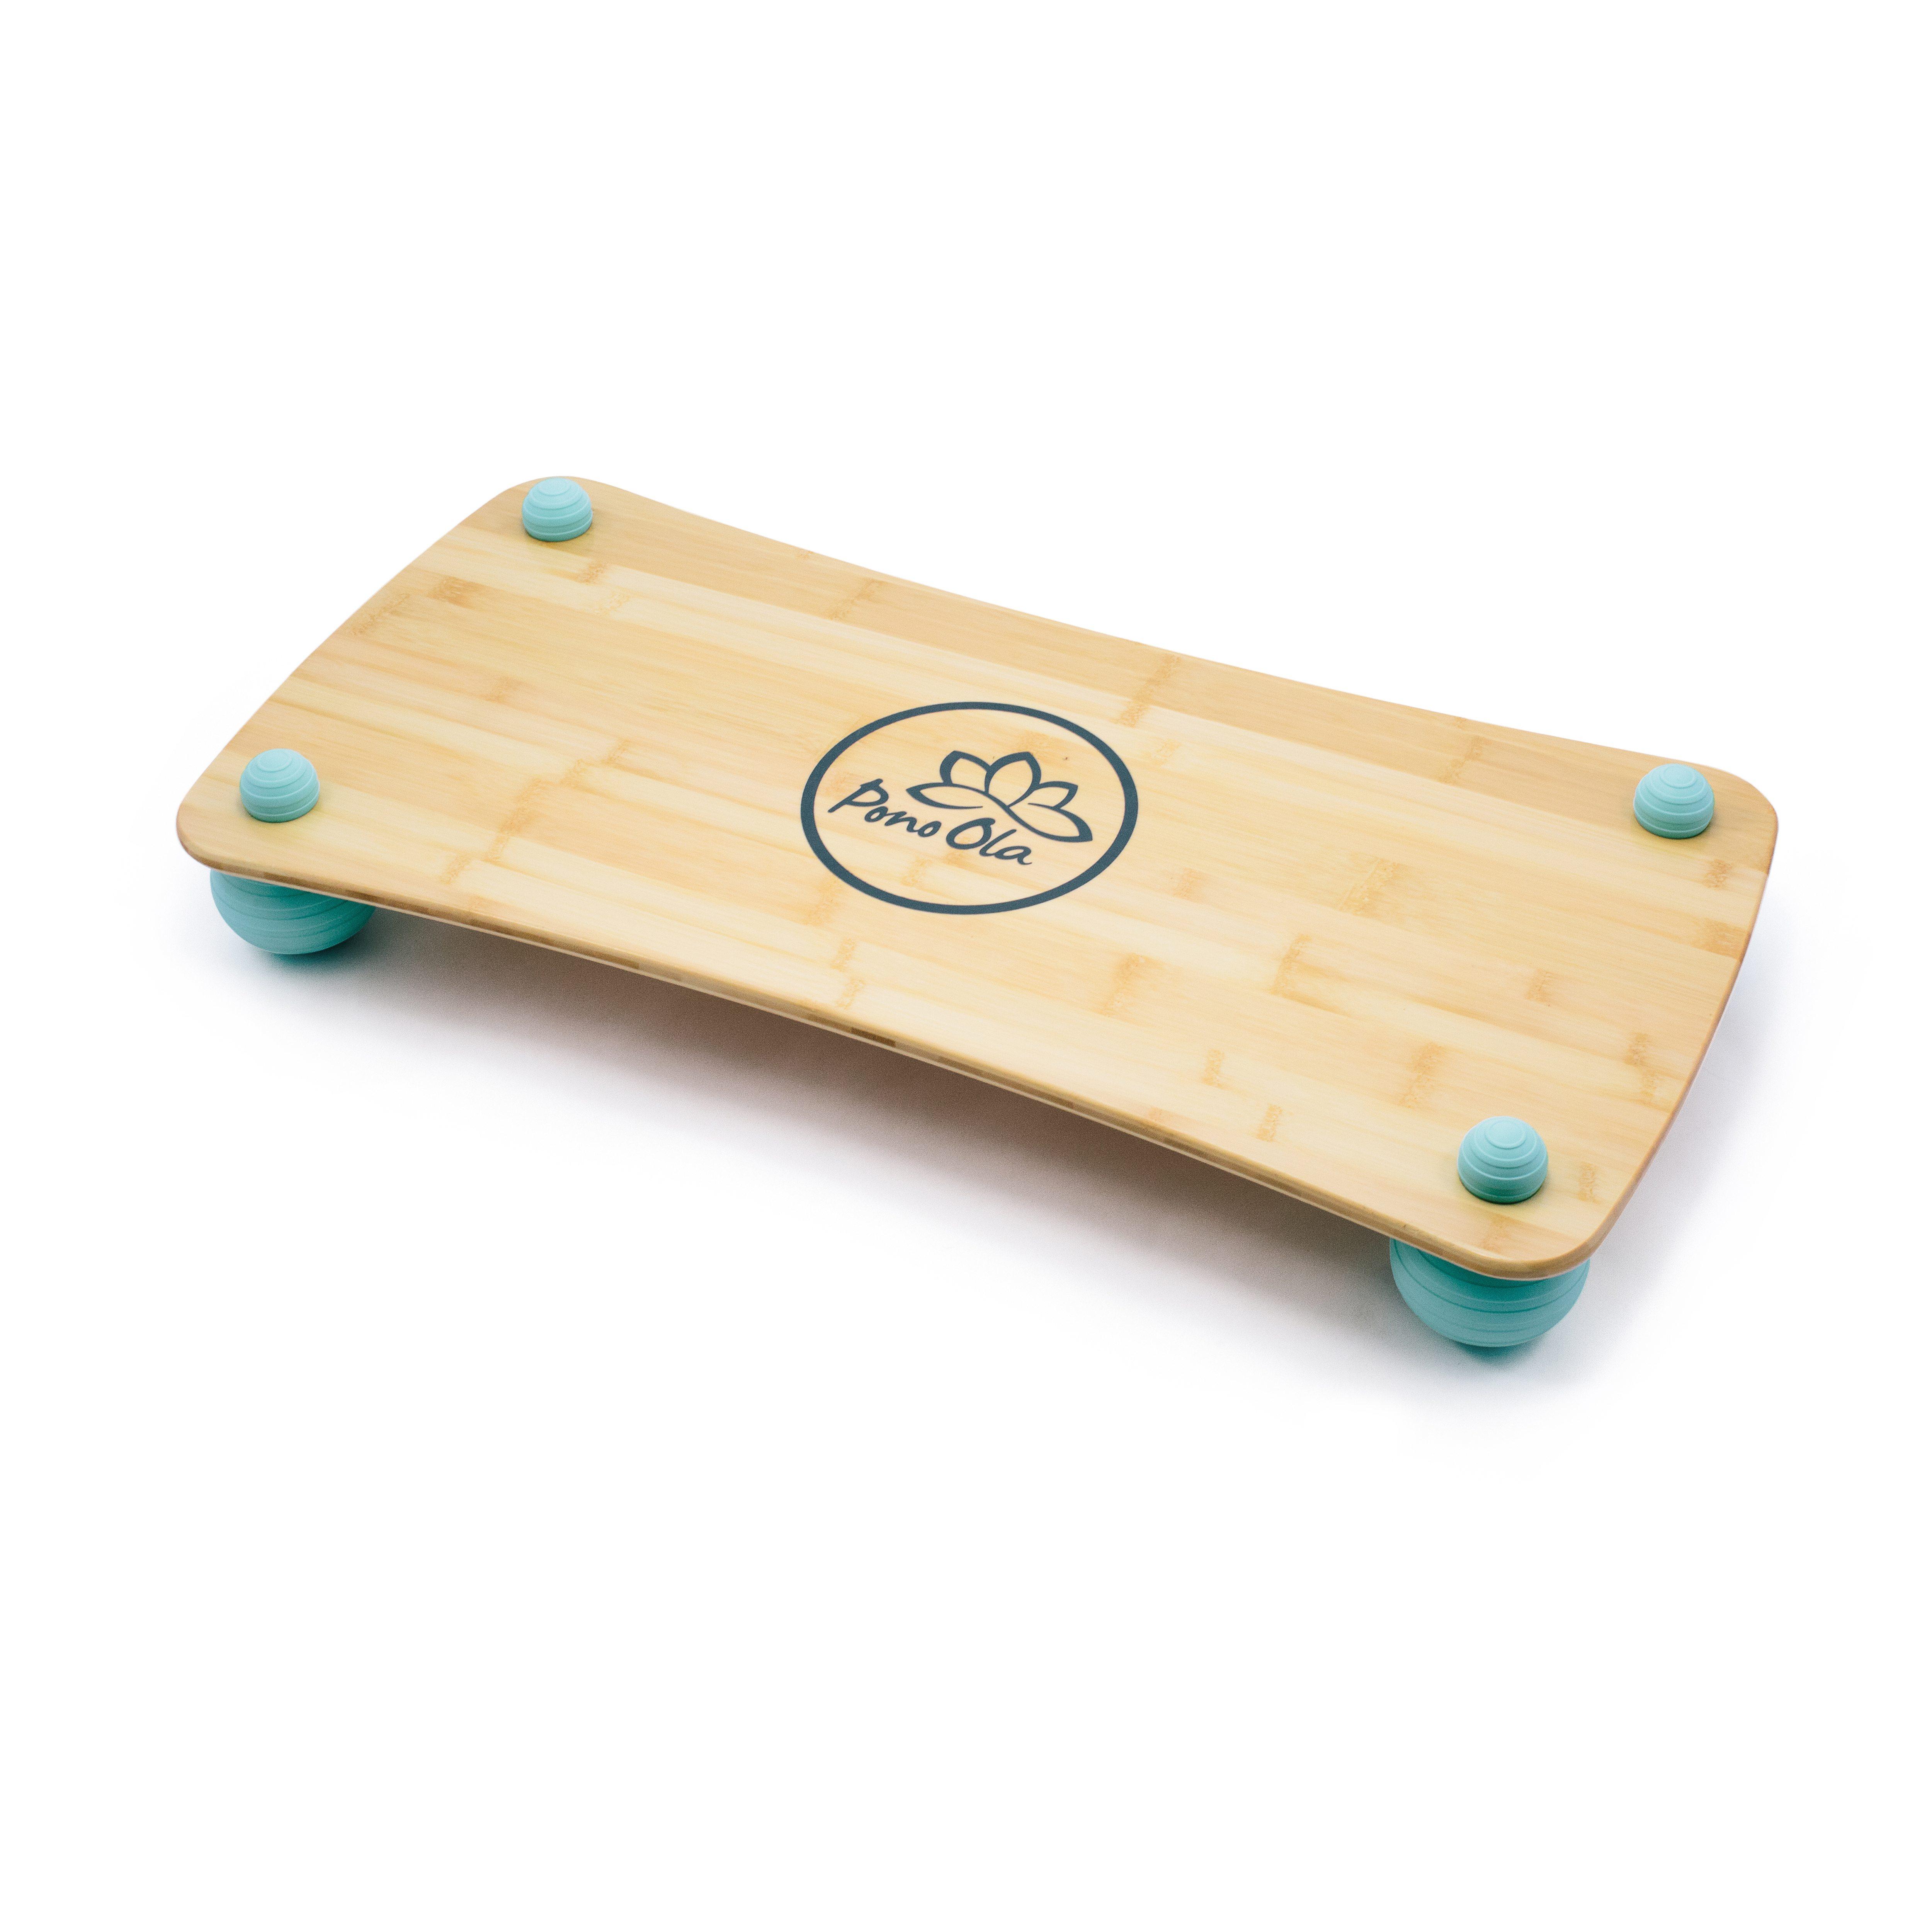 Pono Board The Easy Balance Board Pono Ola